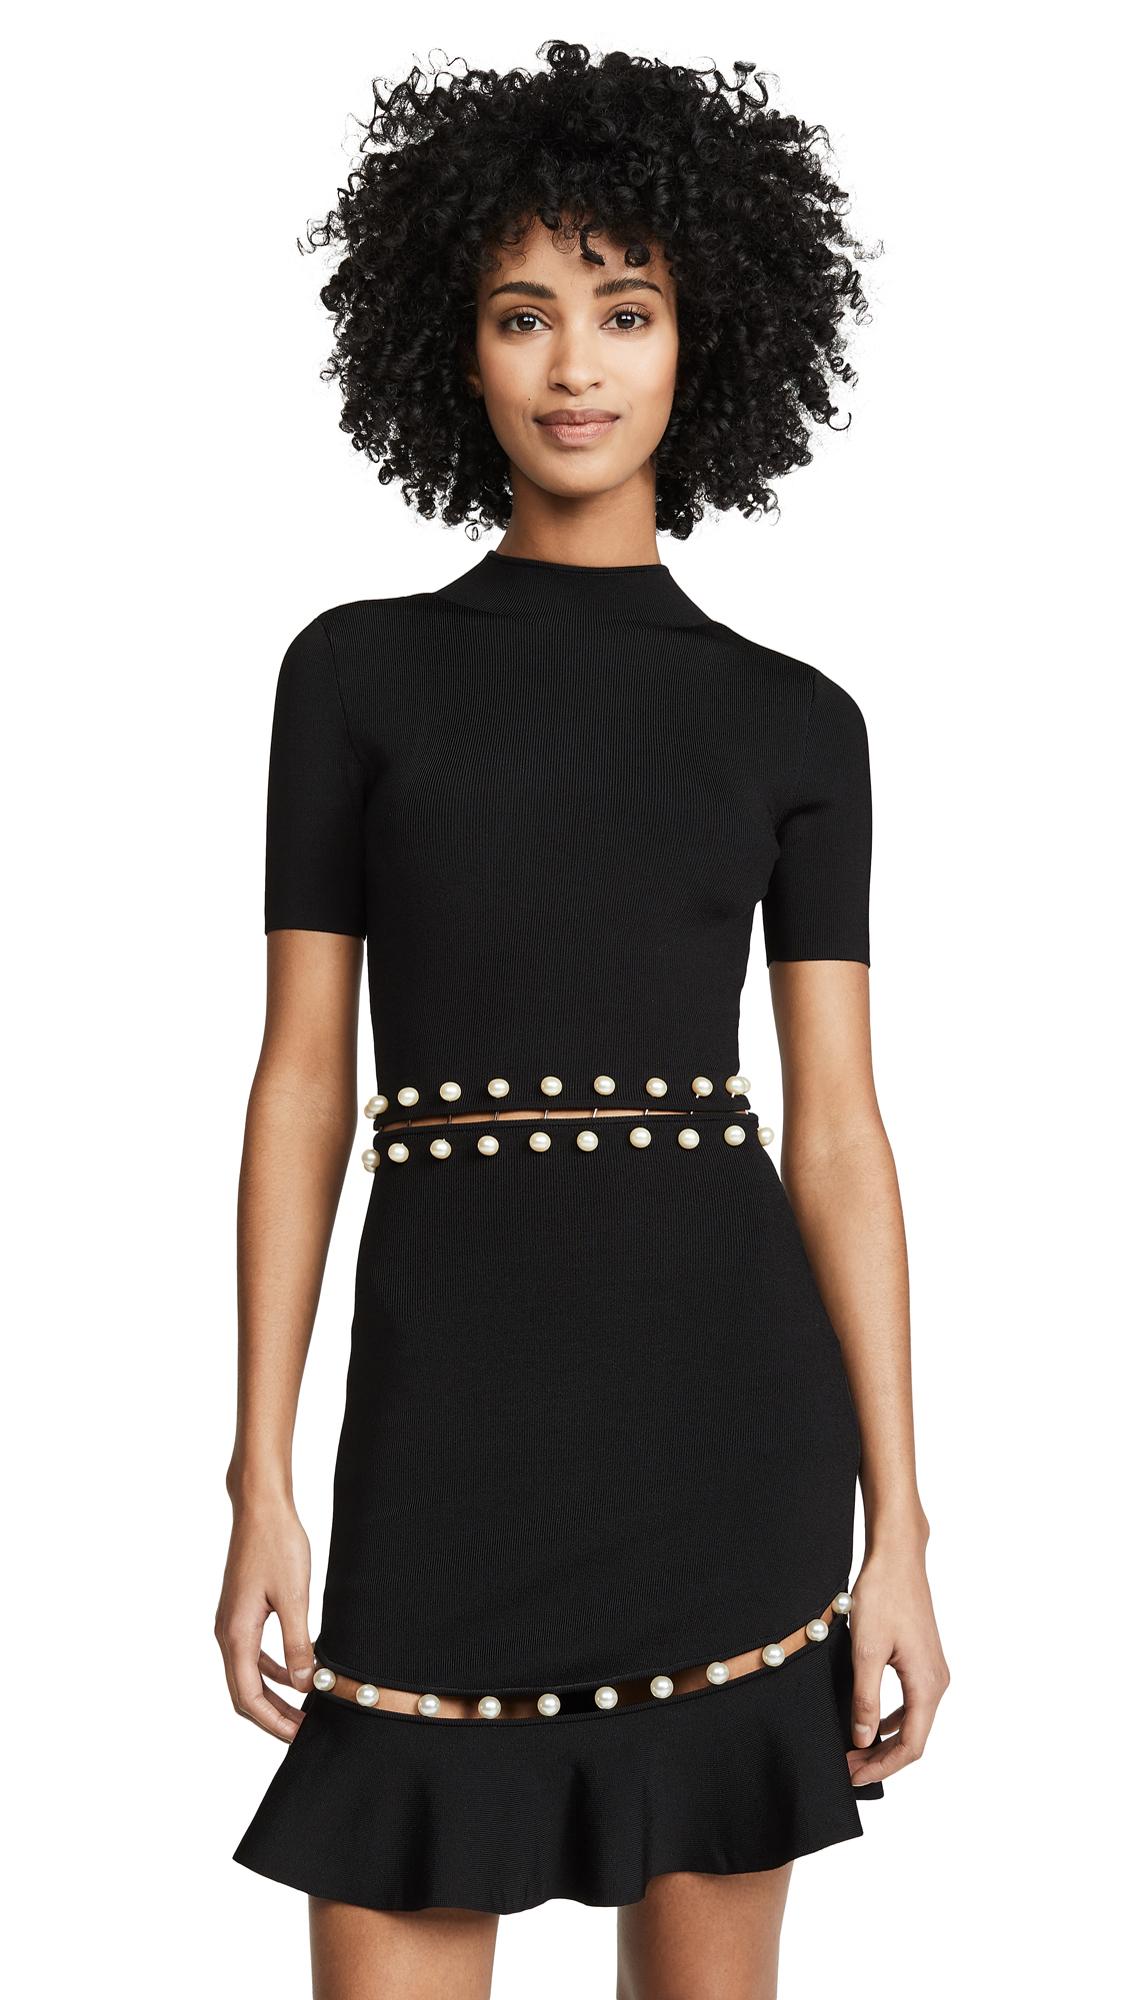 alice + olivia Evelyn Fit & Flare Dress - Black